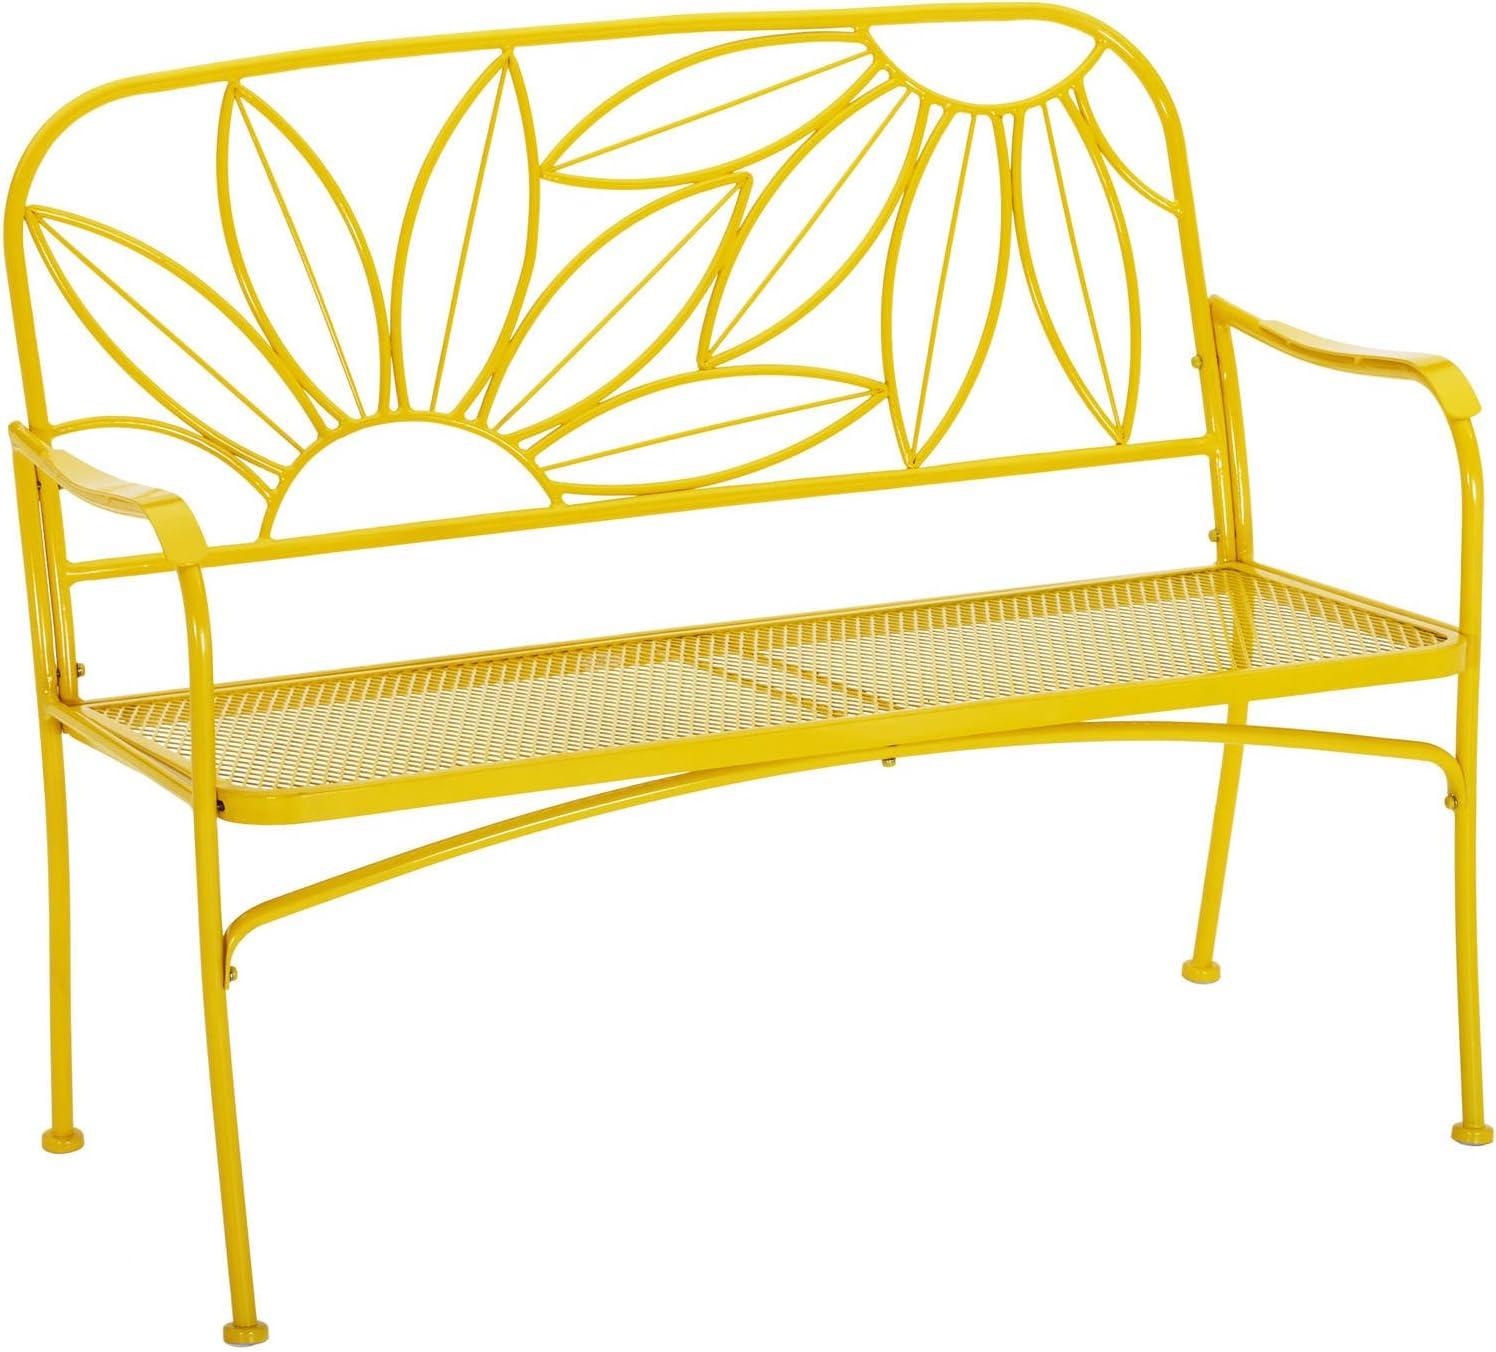 KOVALENTHOR Sunny Metal Bench for Porch, Deck, Lanai, Terrace, or Garden Seat